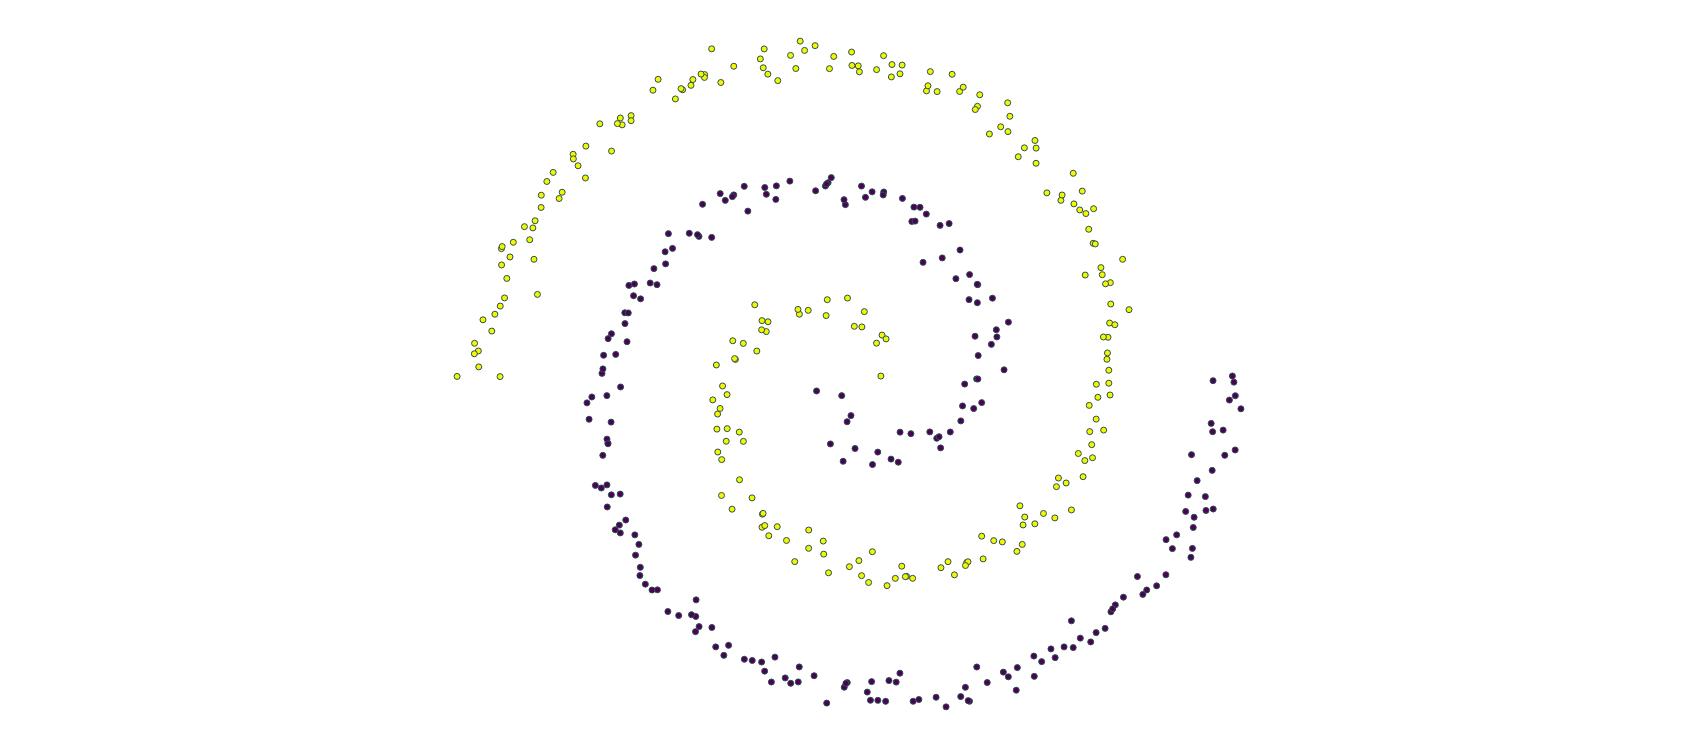 spirals-sample